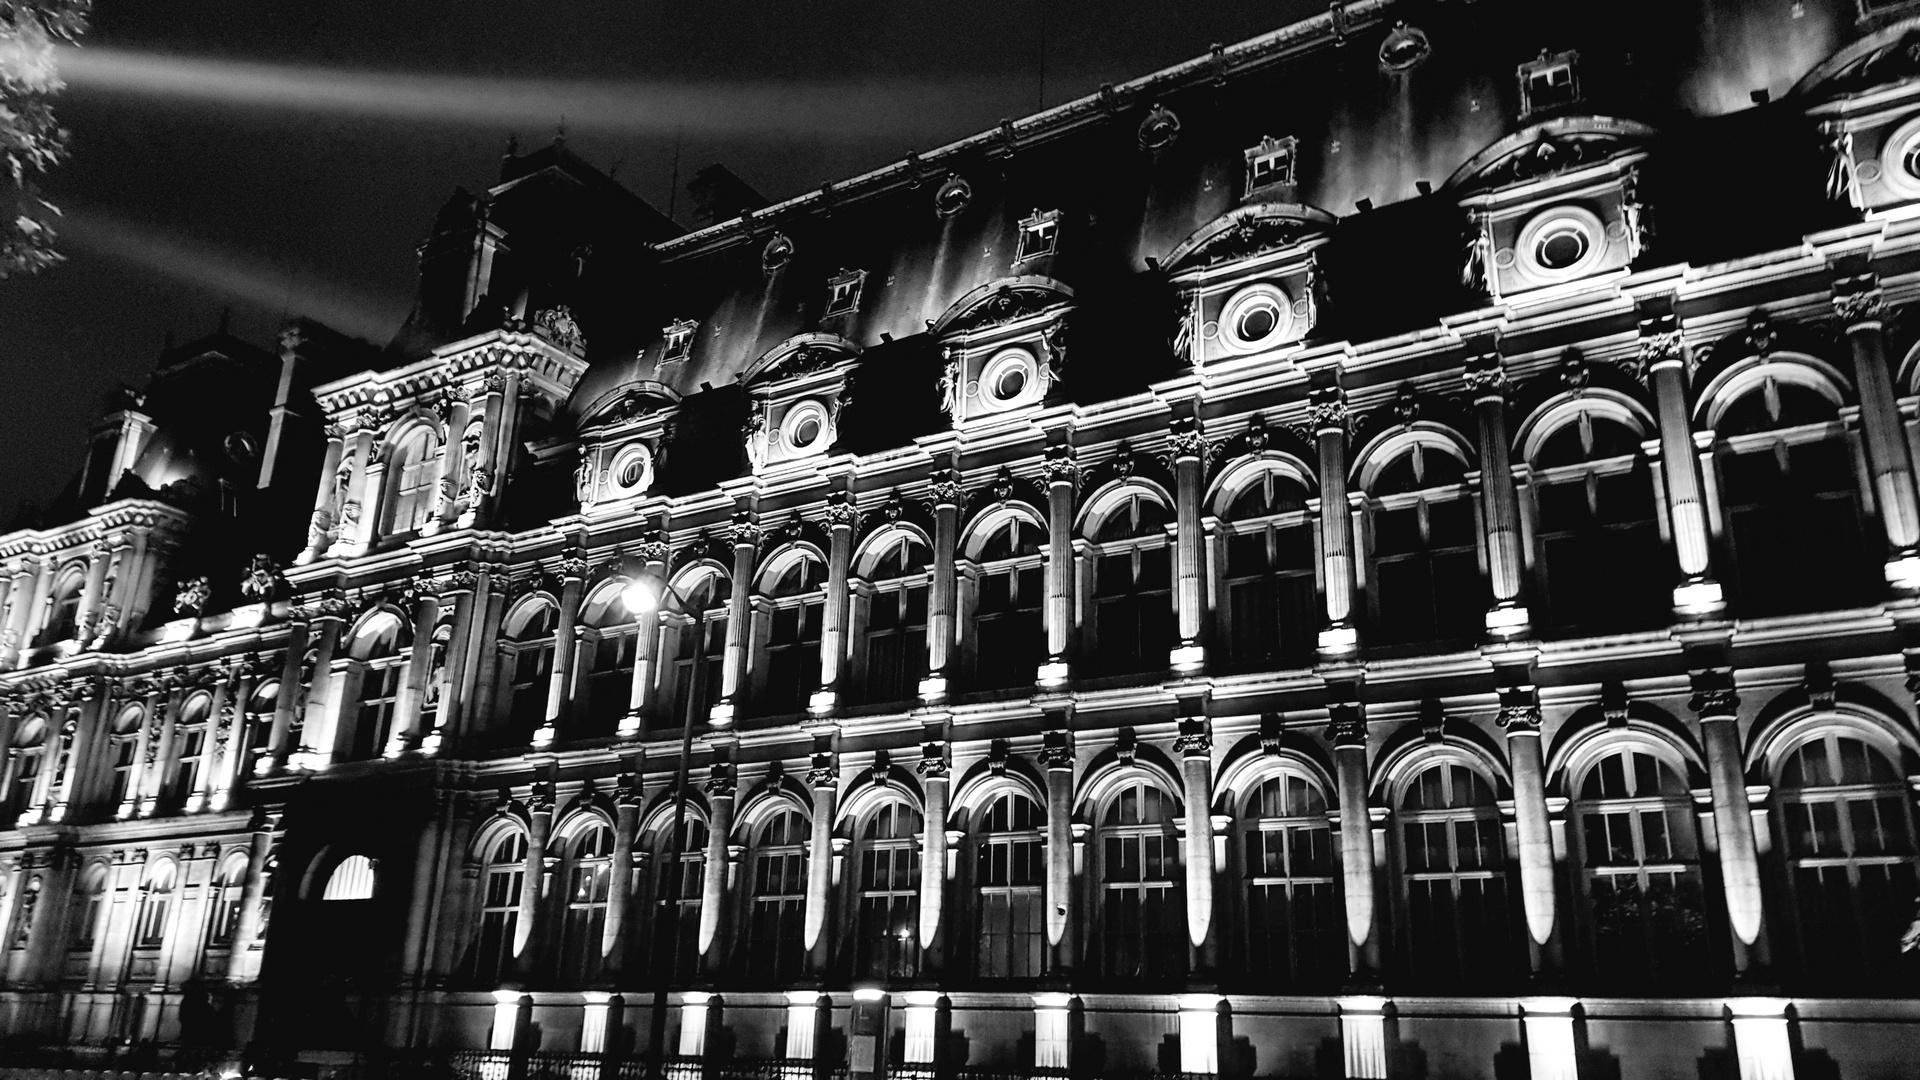 Nocturne noir et blanc